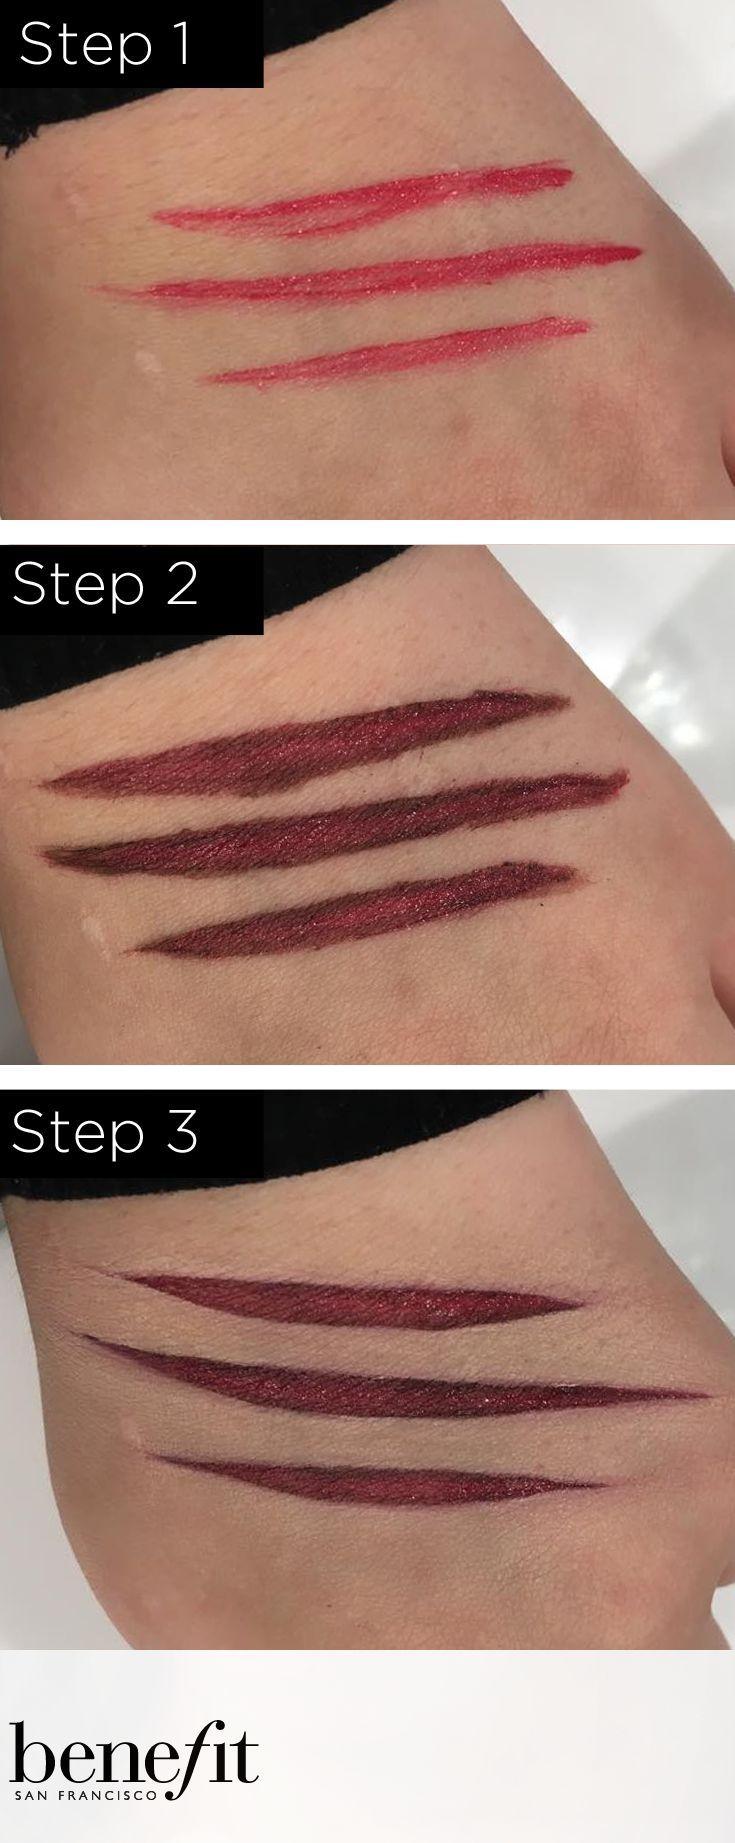 #der #die #diesen #du #erstellen #makeuptechniques